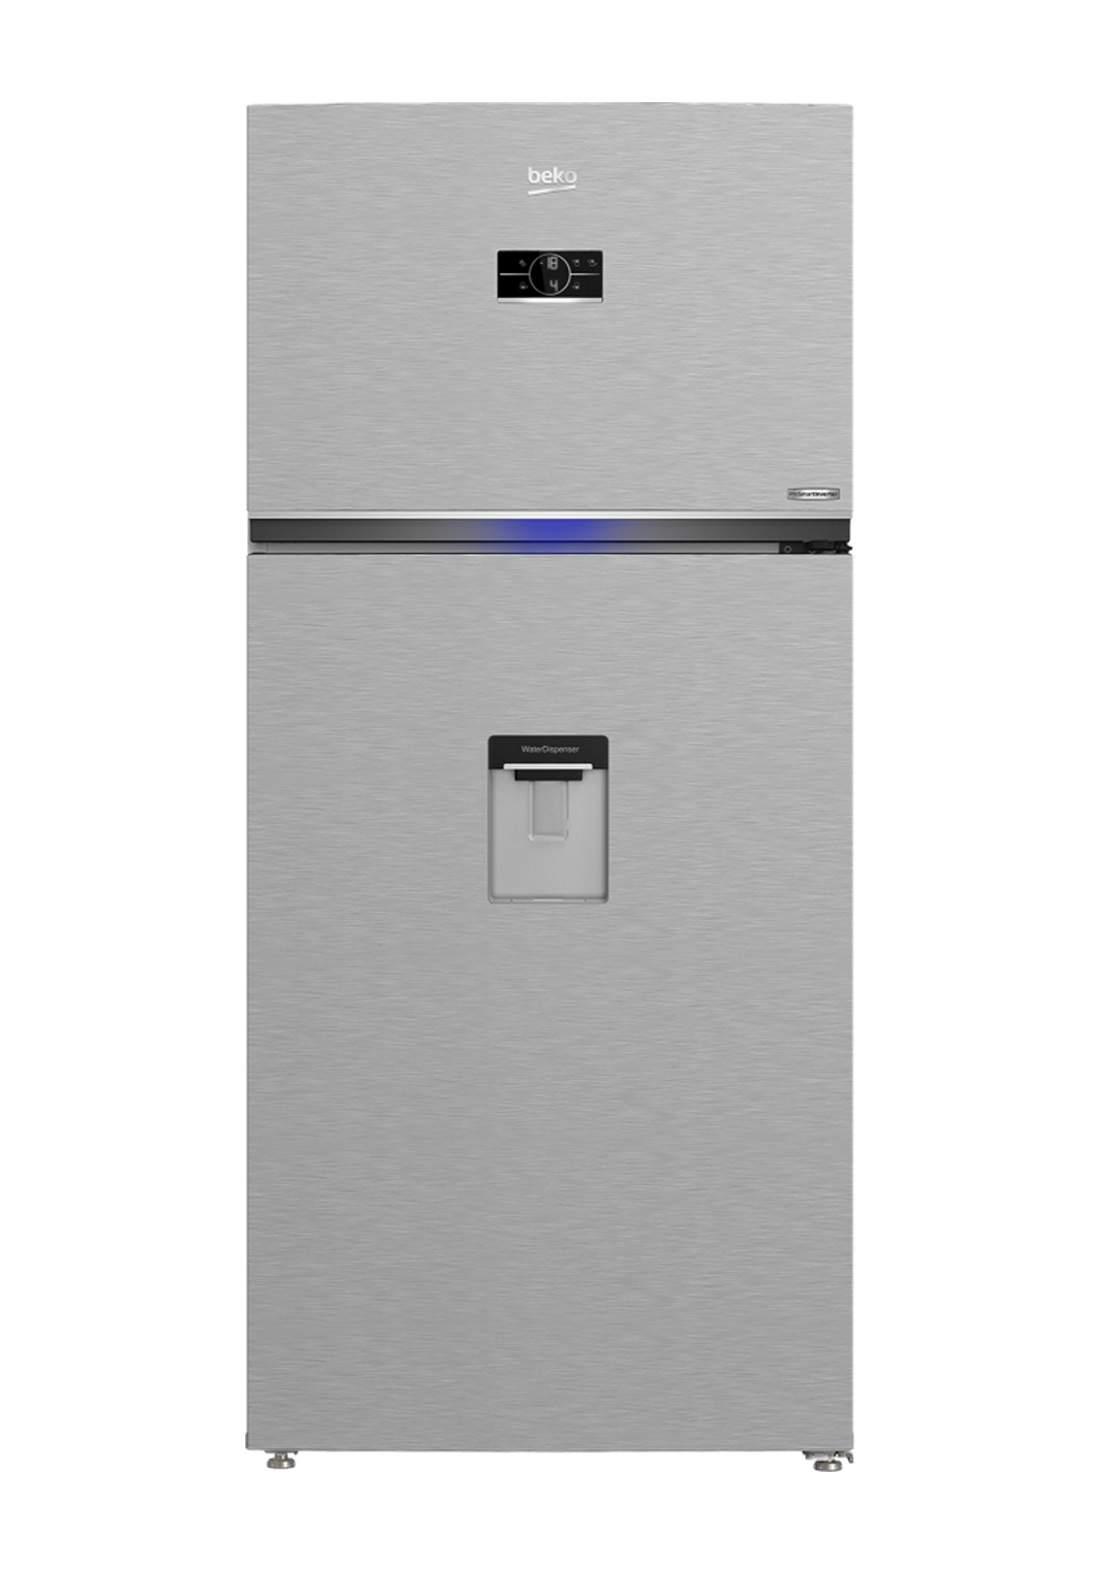 Beko RDNE 700E40DZXP Harvest Fresh Fridge 650 Liter With Manual Water Dispenser - Gray